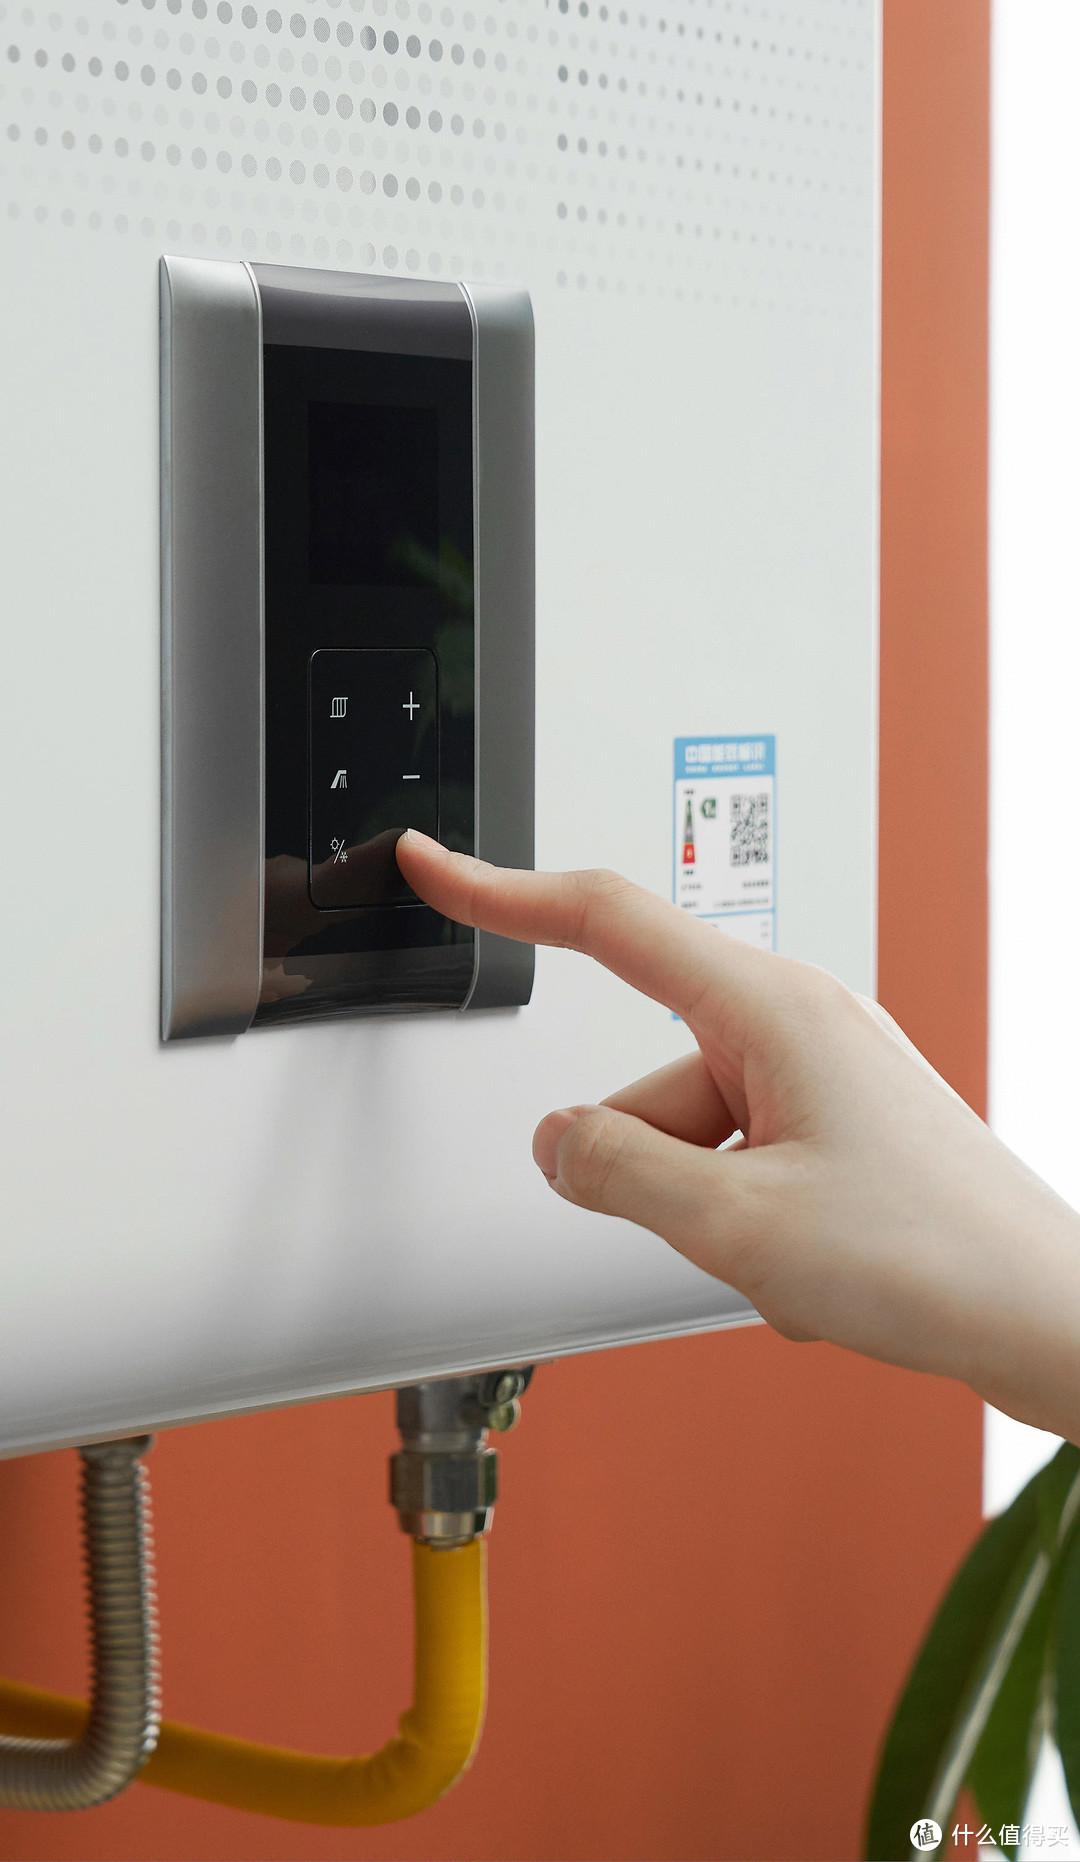 燃气壁挂炉换新,庆东NCB500 壁挂炉选购分享